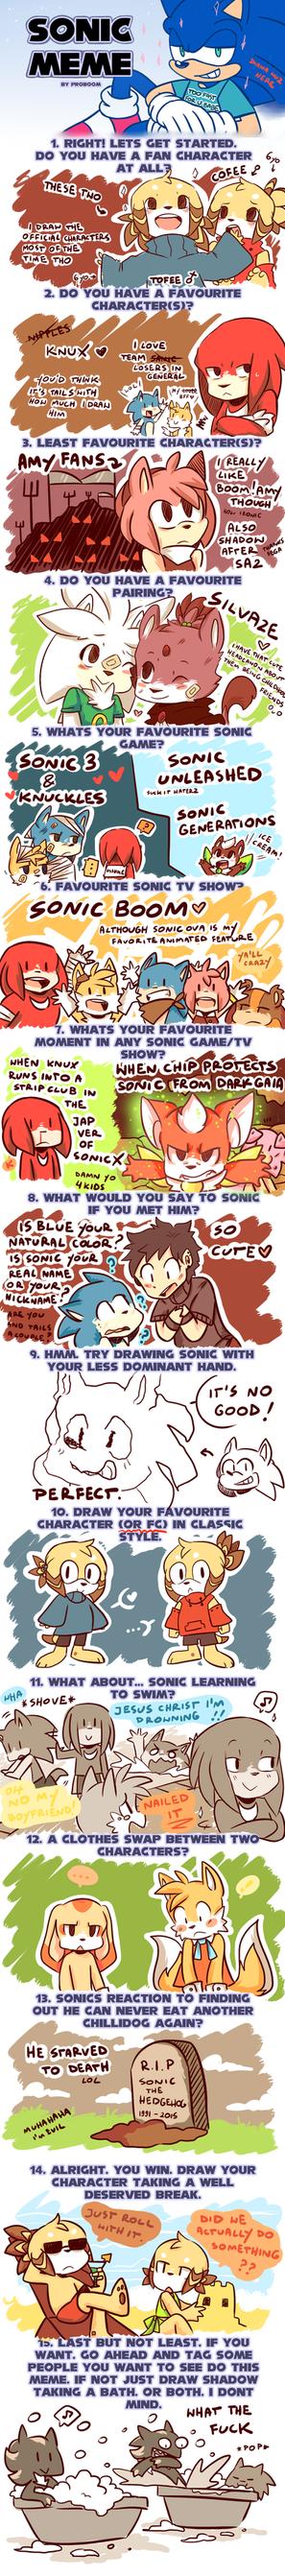 Sonic meme :p by DiachanX